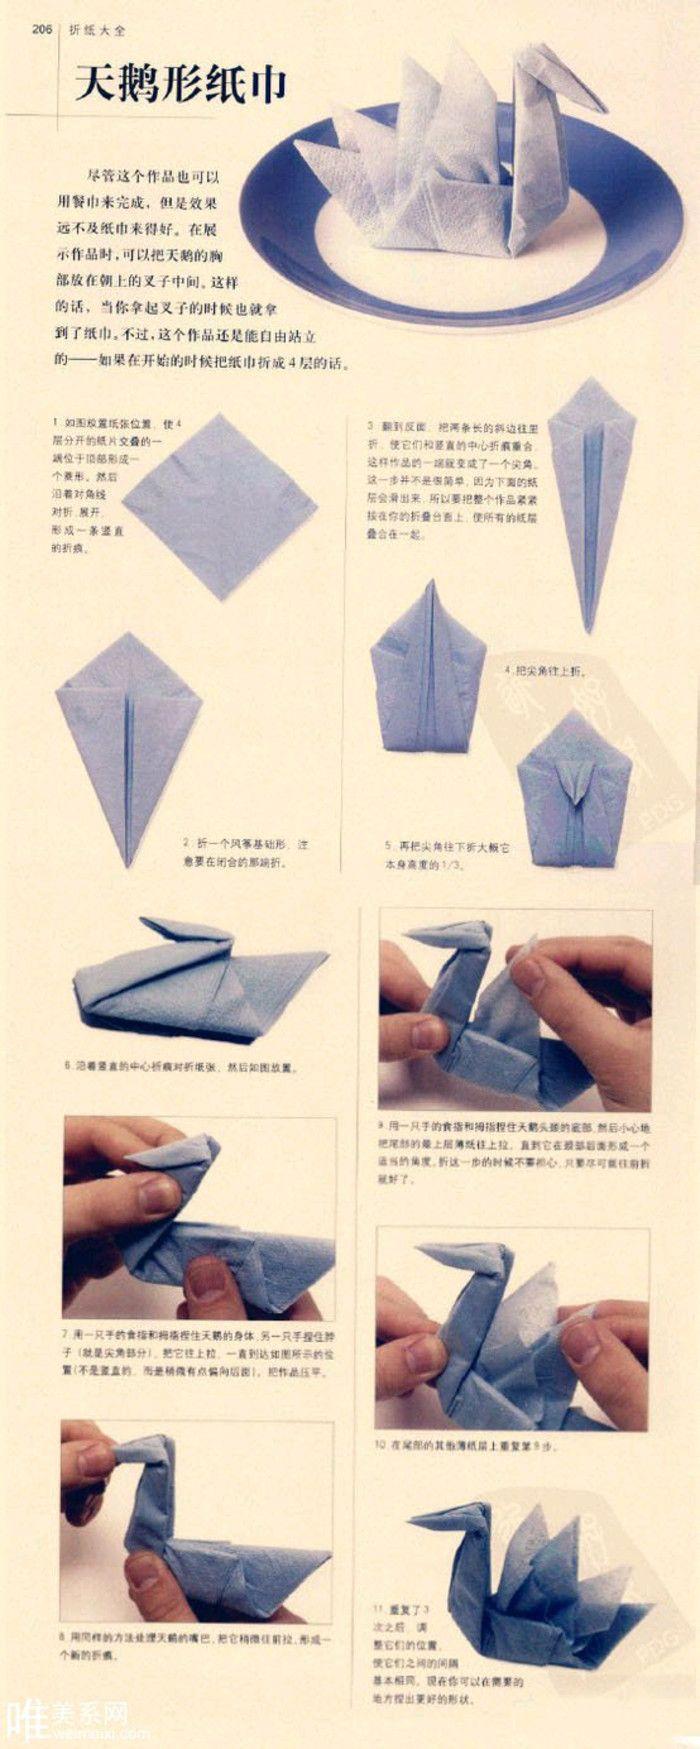 天鹅折纸来自饕餮o的图片分享-堆糖;